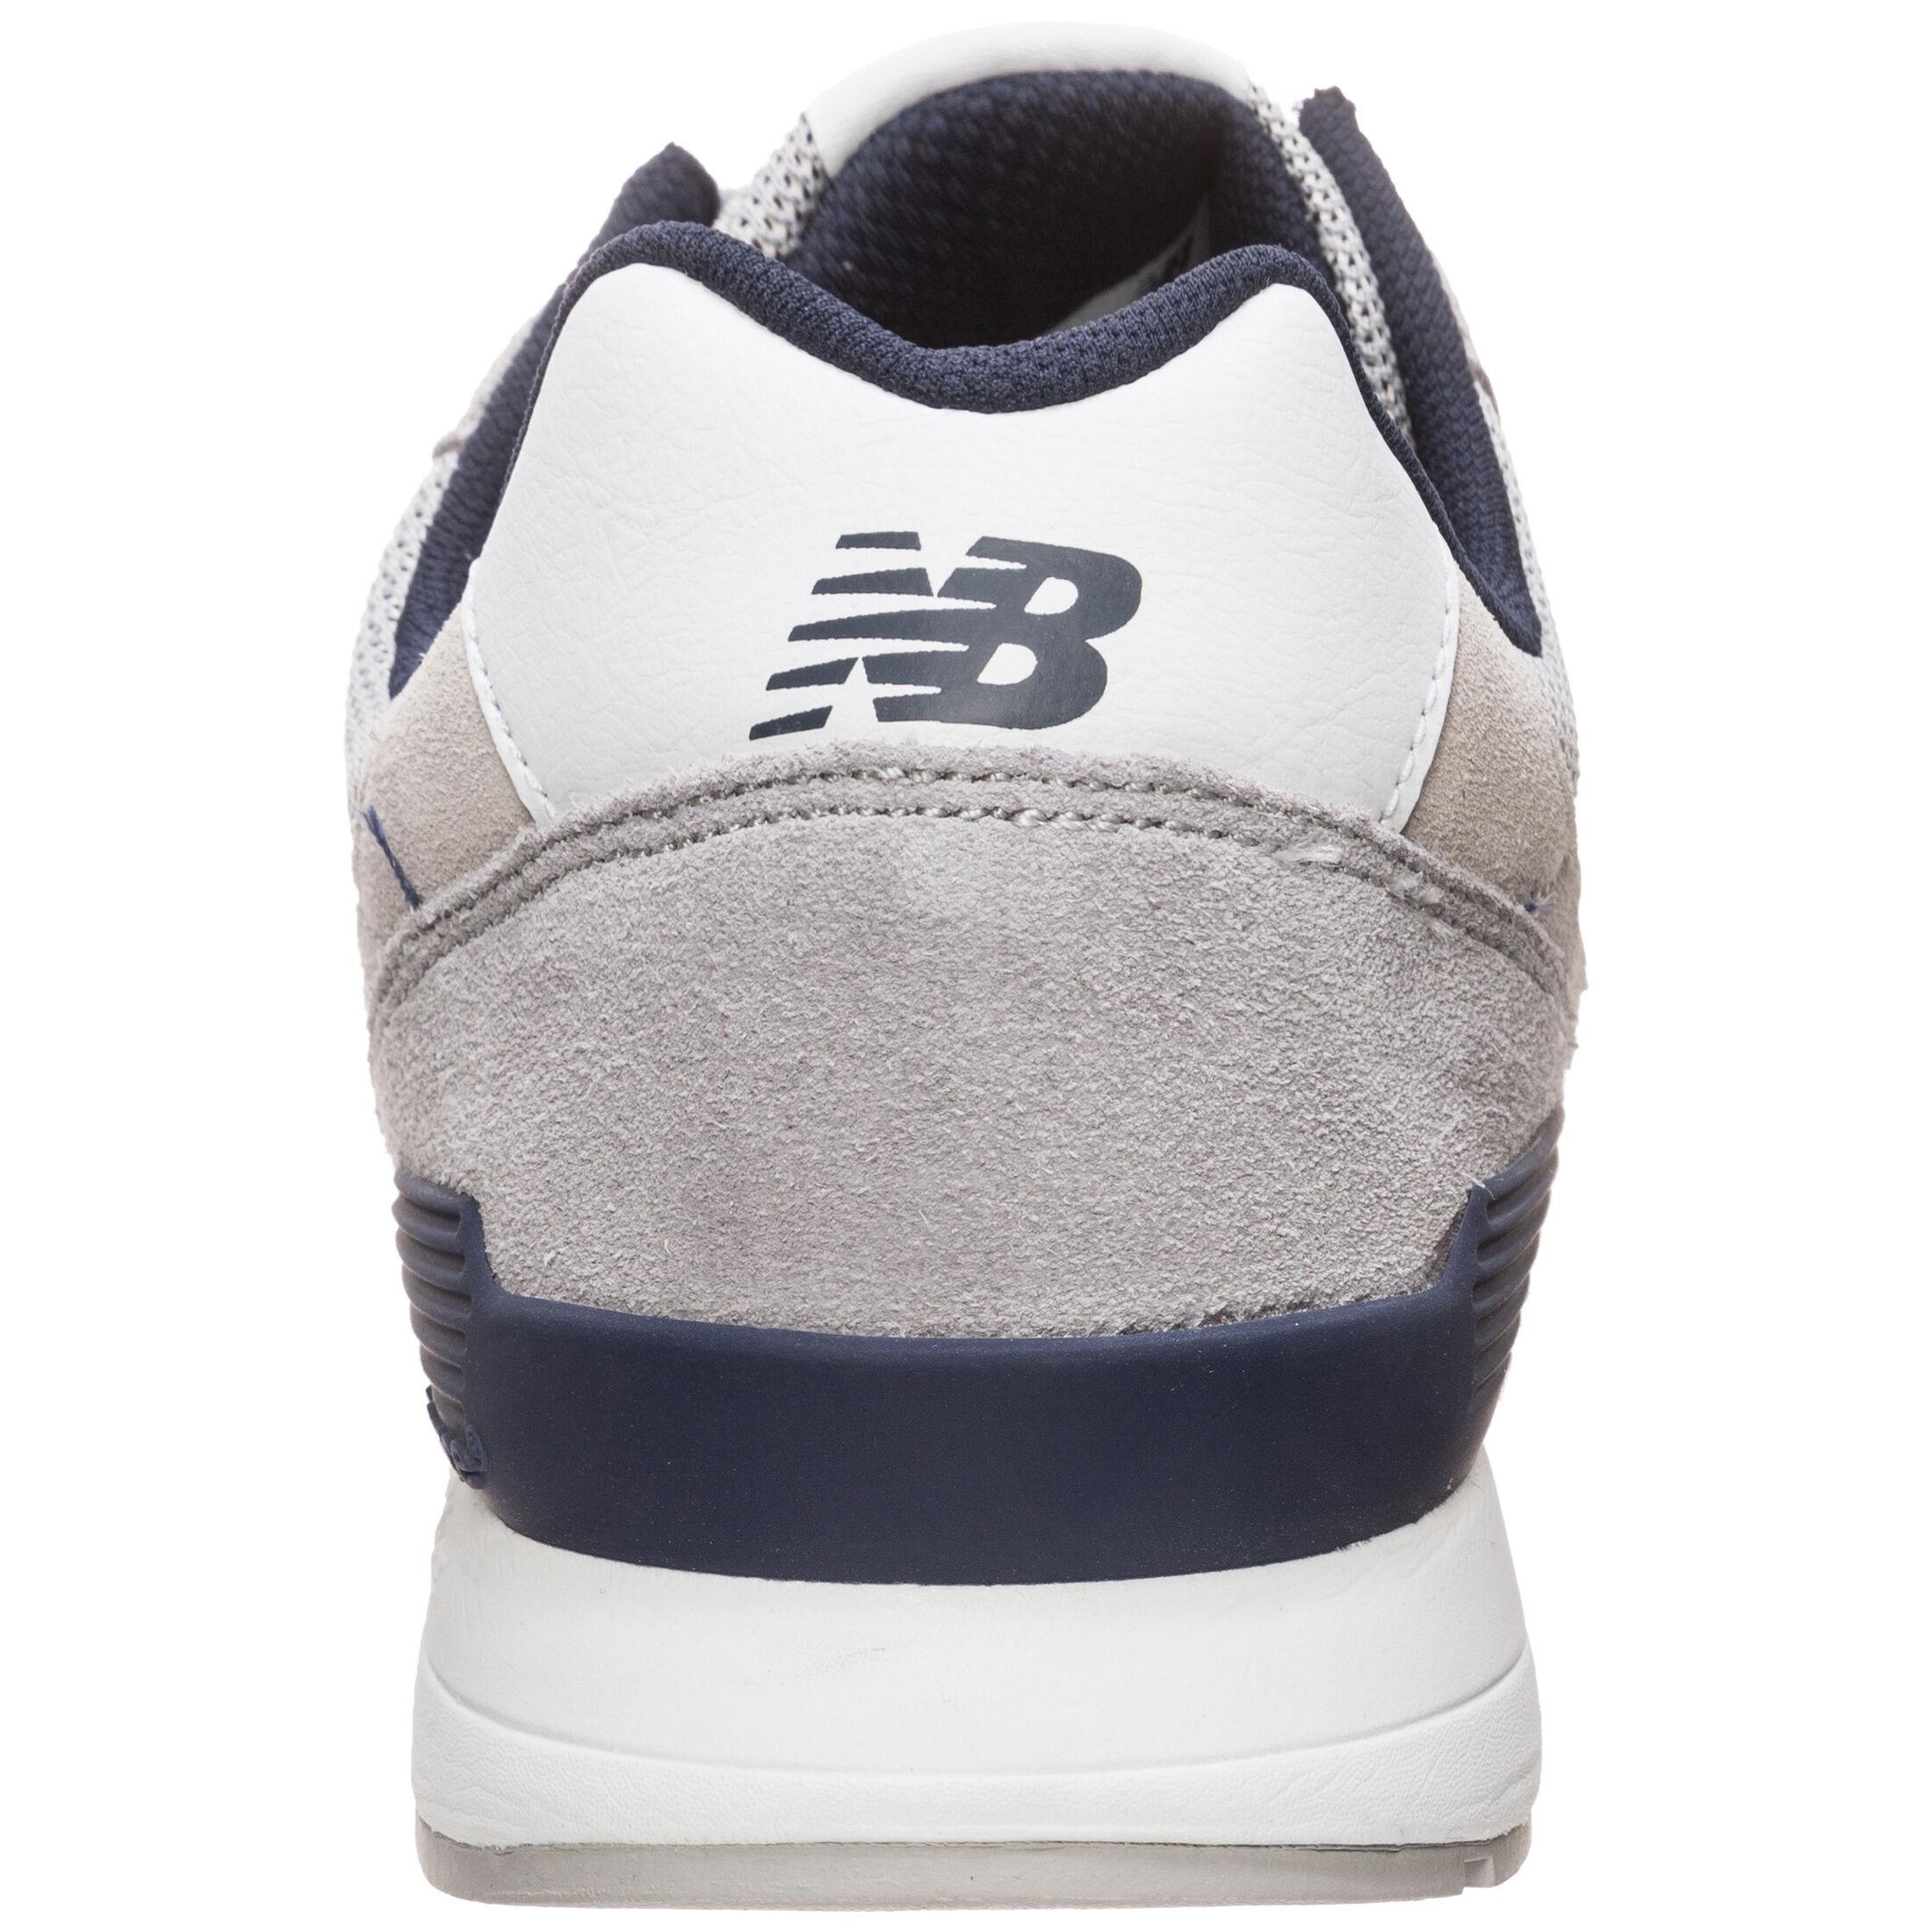 New Balance MRL996 D Sneaker Herren bei OUTFITTER